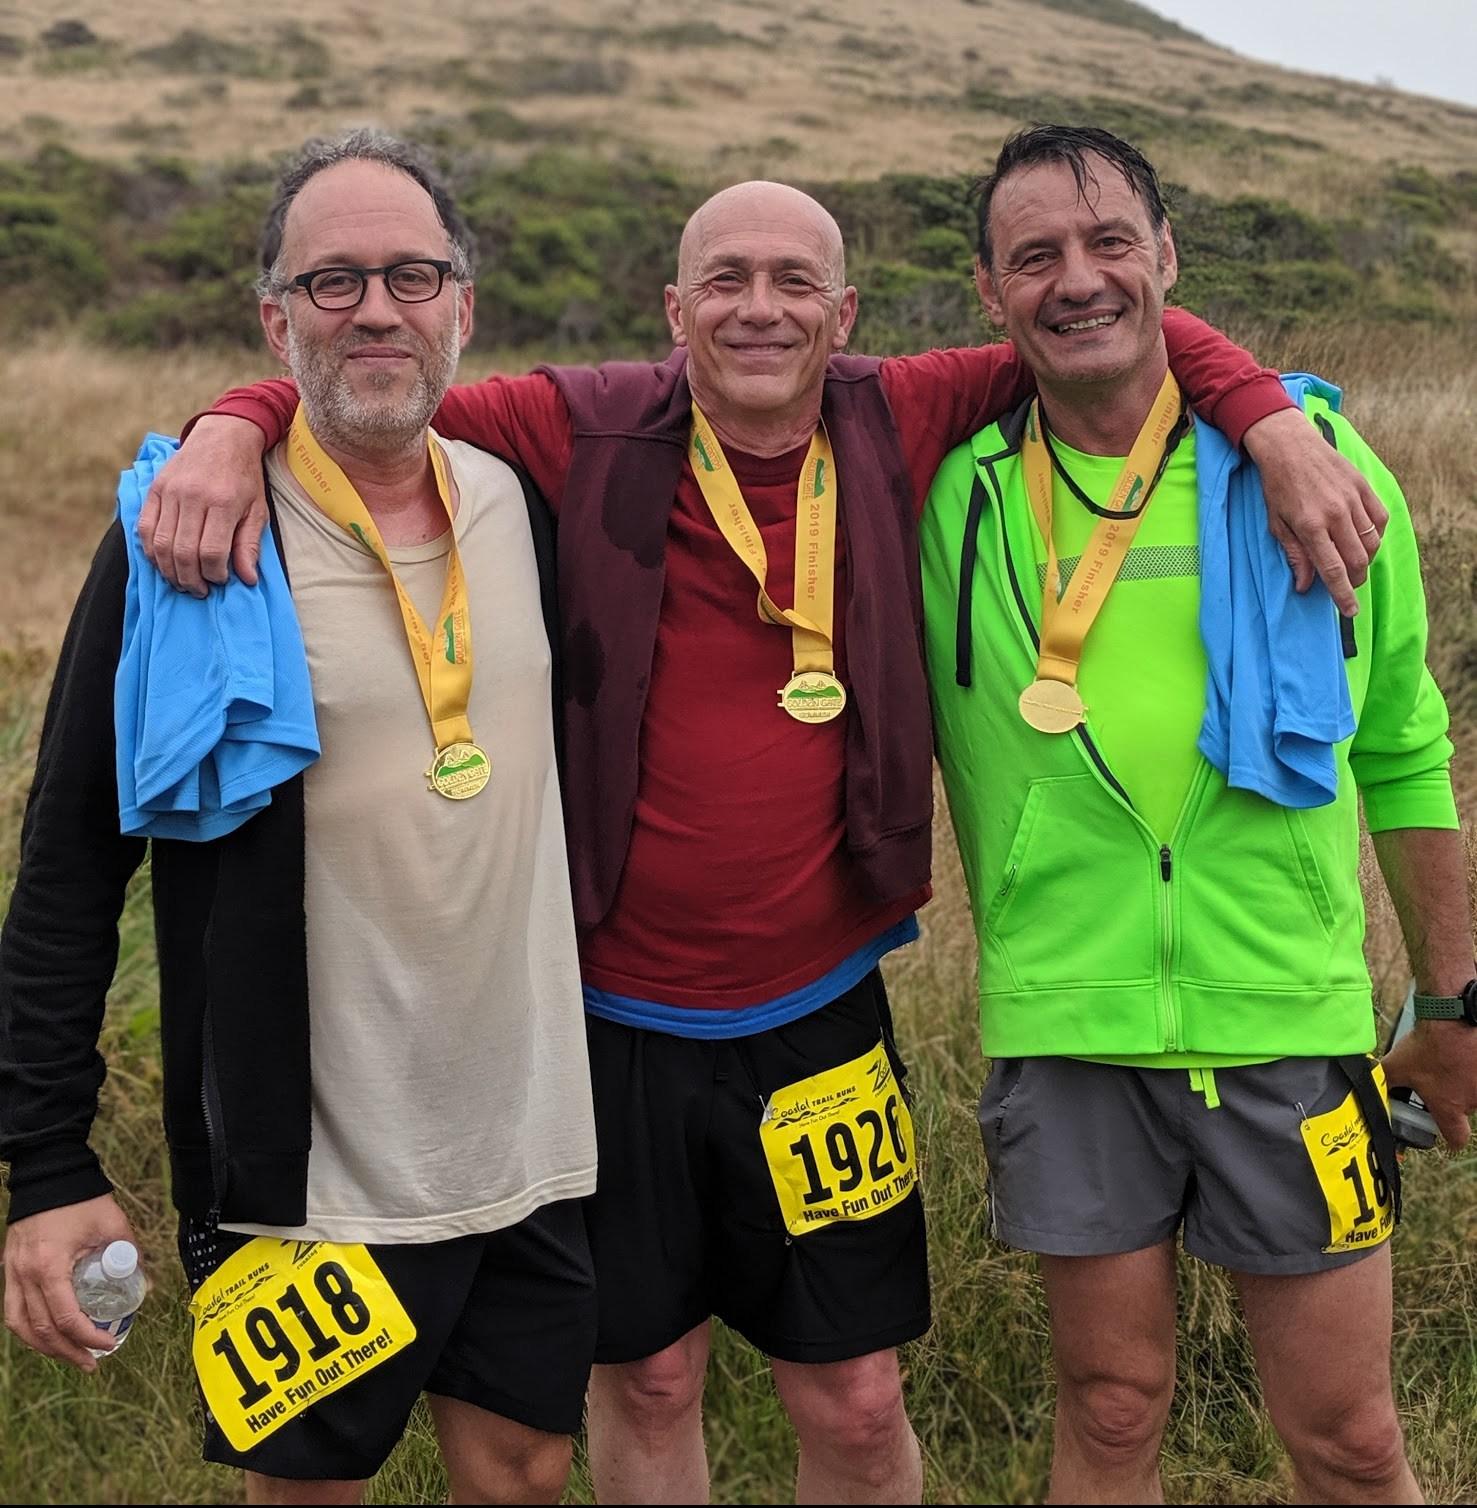 Il gruppo ristretto dei mie amici runner. Qui siamo stati immortalati a Marin County alla fine di una trail run di circa 8 km con important isalite e discese.